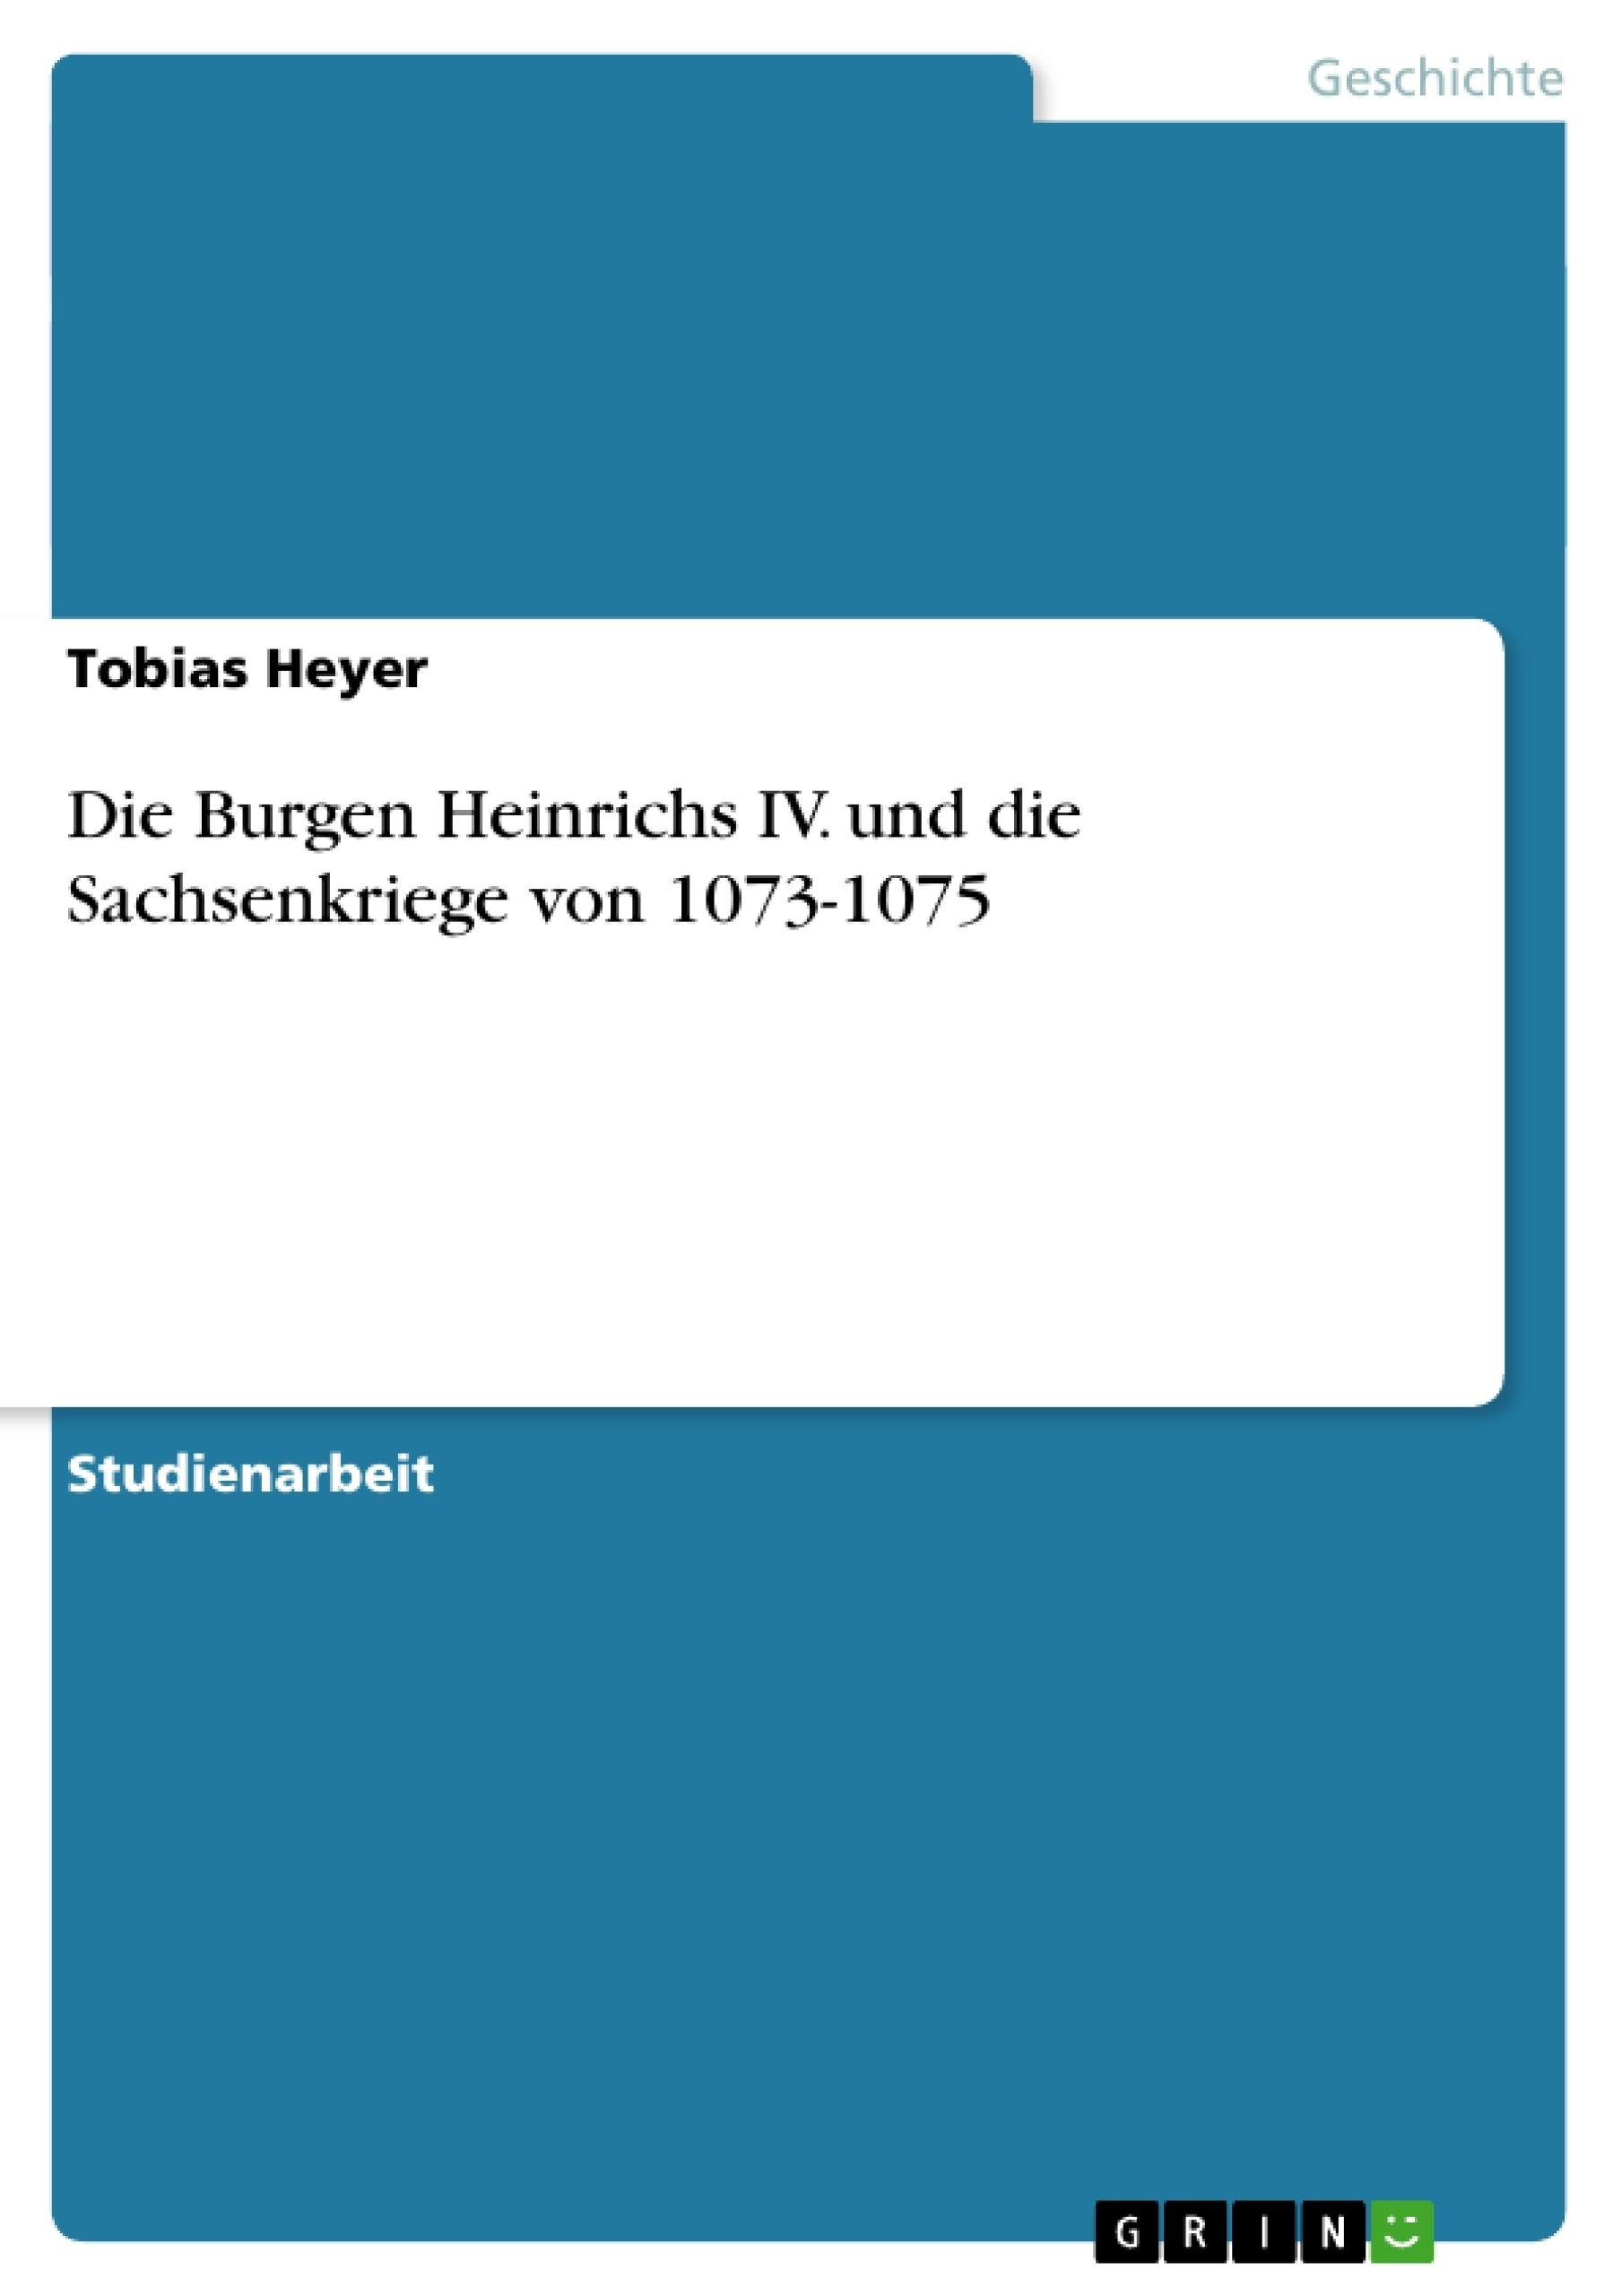 Titel: Die Burgen Heinrichs IV. und die Sachsenkriege von 1073-1075